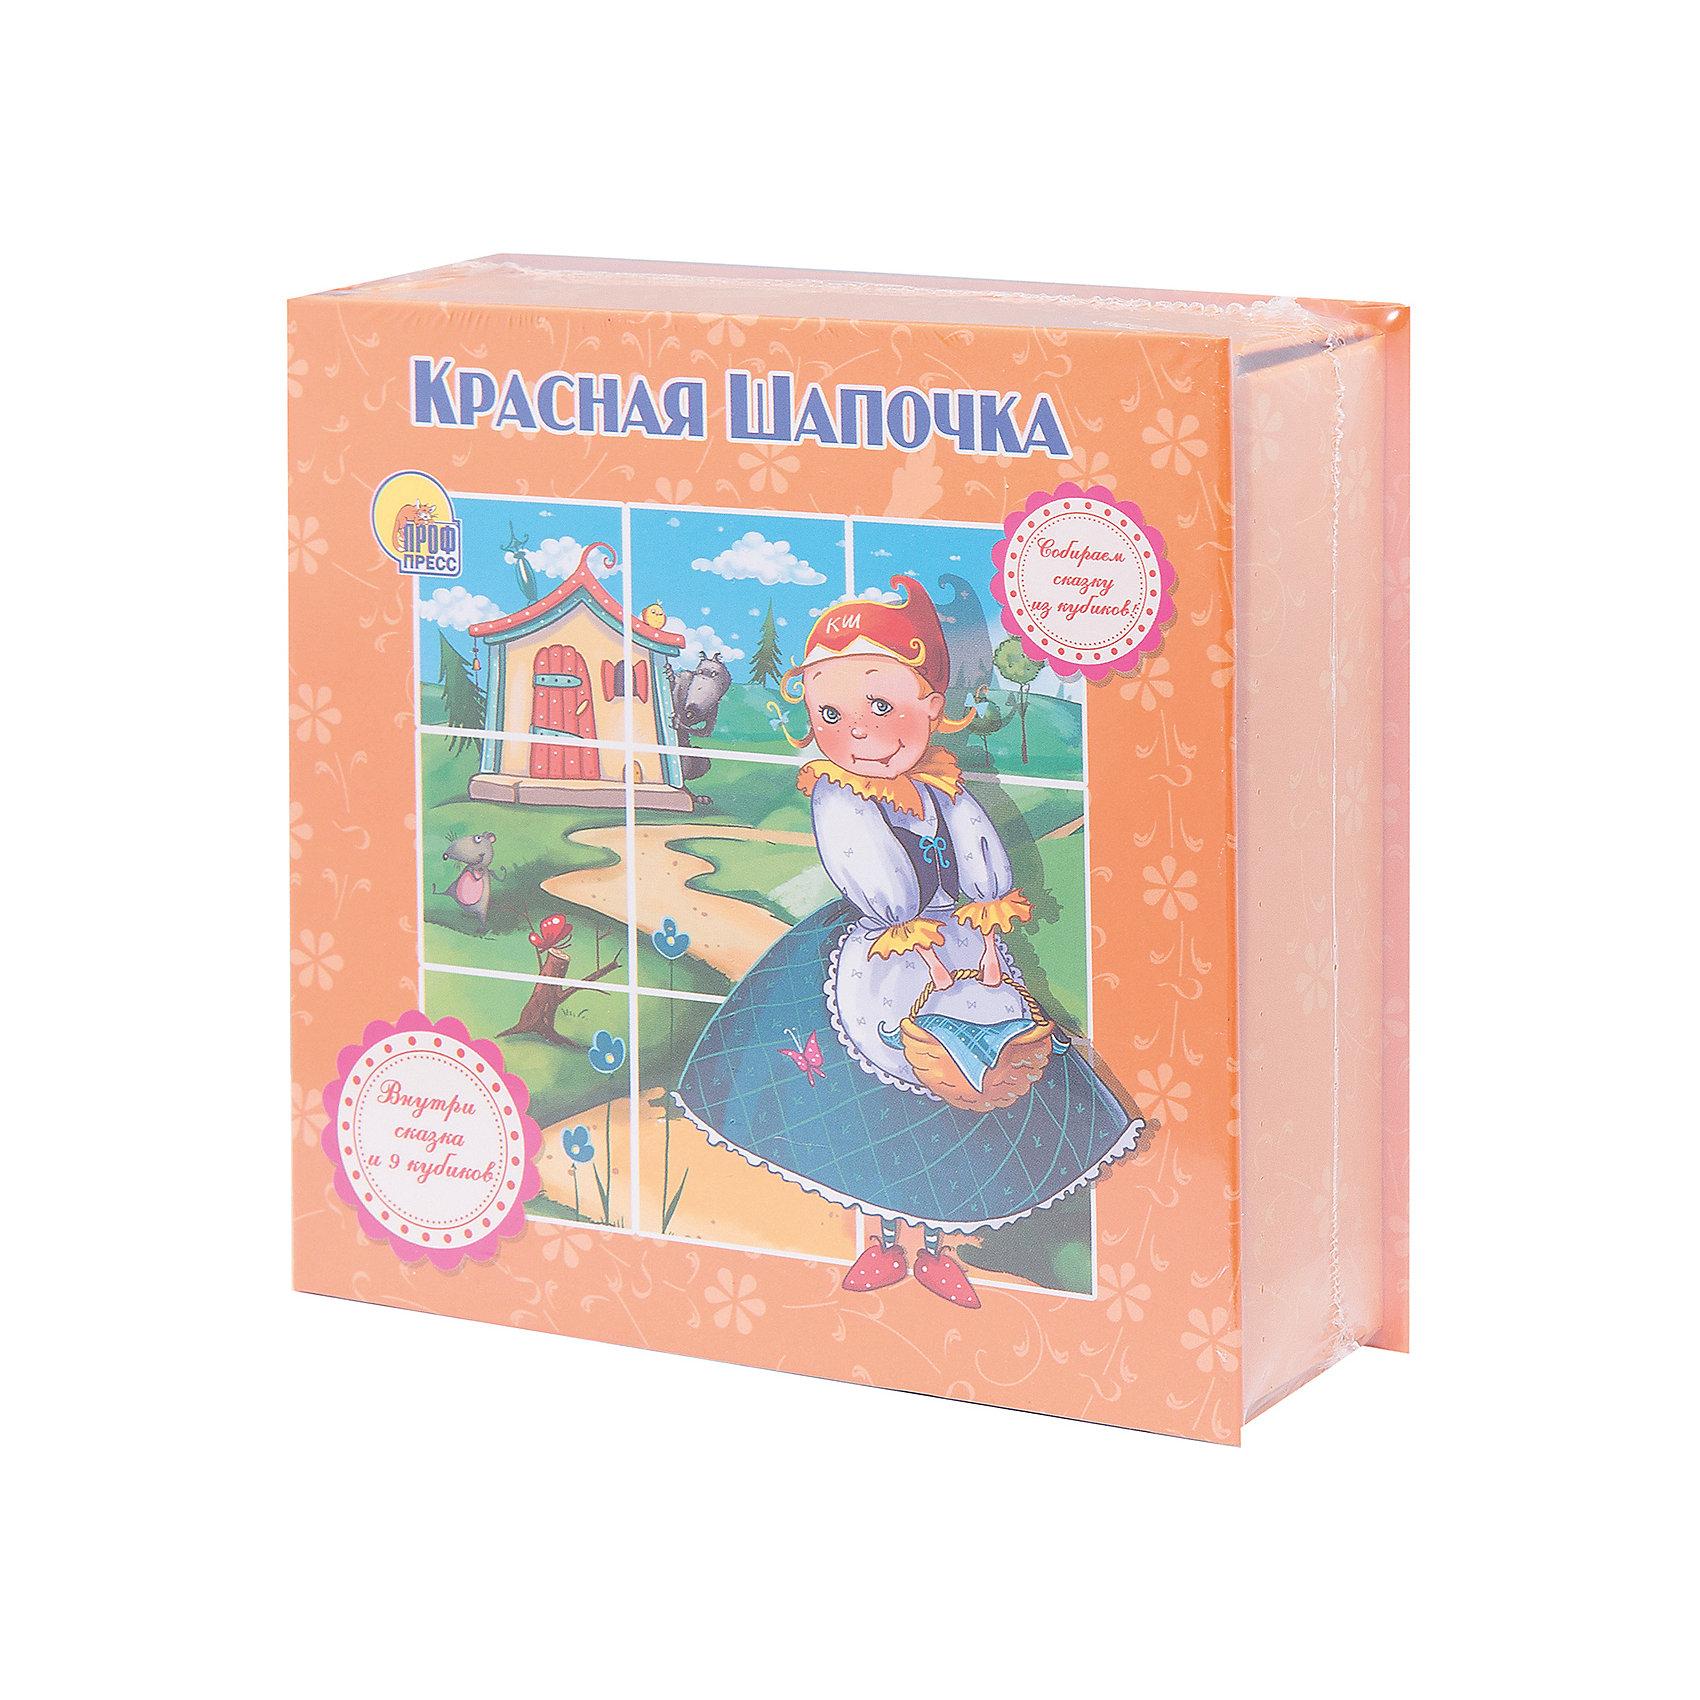 Книжка-игрушка Красная шапочкаШарль Перро<br>Эта серия книг - одновременно развивающие игрушки, набор кубиков, из которых можно собрать картинку из сказки. Книги - это лучший подарок не только взрослым, они помогают детям познавать мир и учиться читать, также книги позволяют ребенку весело проводить время. Они также стимулируют развитие воображения, логики и творческого мышления.<br>Это издание сделано специально для детей - с плотными страничками, и яркими картинками, которые обязательно понравятся малышам! Книга сделана из качественных и безопасных для детей материалов.<br>  <br>Дополнительная информация:<br><br>размер: 15х5х15 см;<br>кубиков: 9 шт;<br>вес: 305 г.<br><br>Книжку-игрушку Красная шапочка от издательства Проф-Пресс можно купить в нашем магазине.<br><br>Ширина мм: 145<br>Глубина мм: 52<br>Высота мм: 145<br>Вес г: 305<br>Возраст от месяцев: 0<br>Возраст до месяцев: 60<br>Пол: Унисекс<br>Возраст: Детский<br>SKU: 4787283